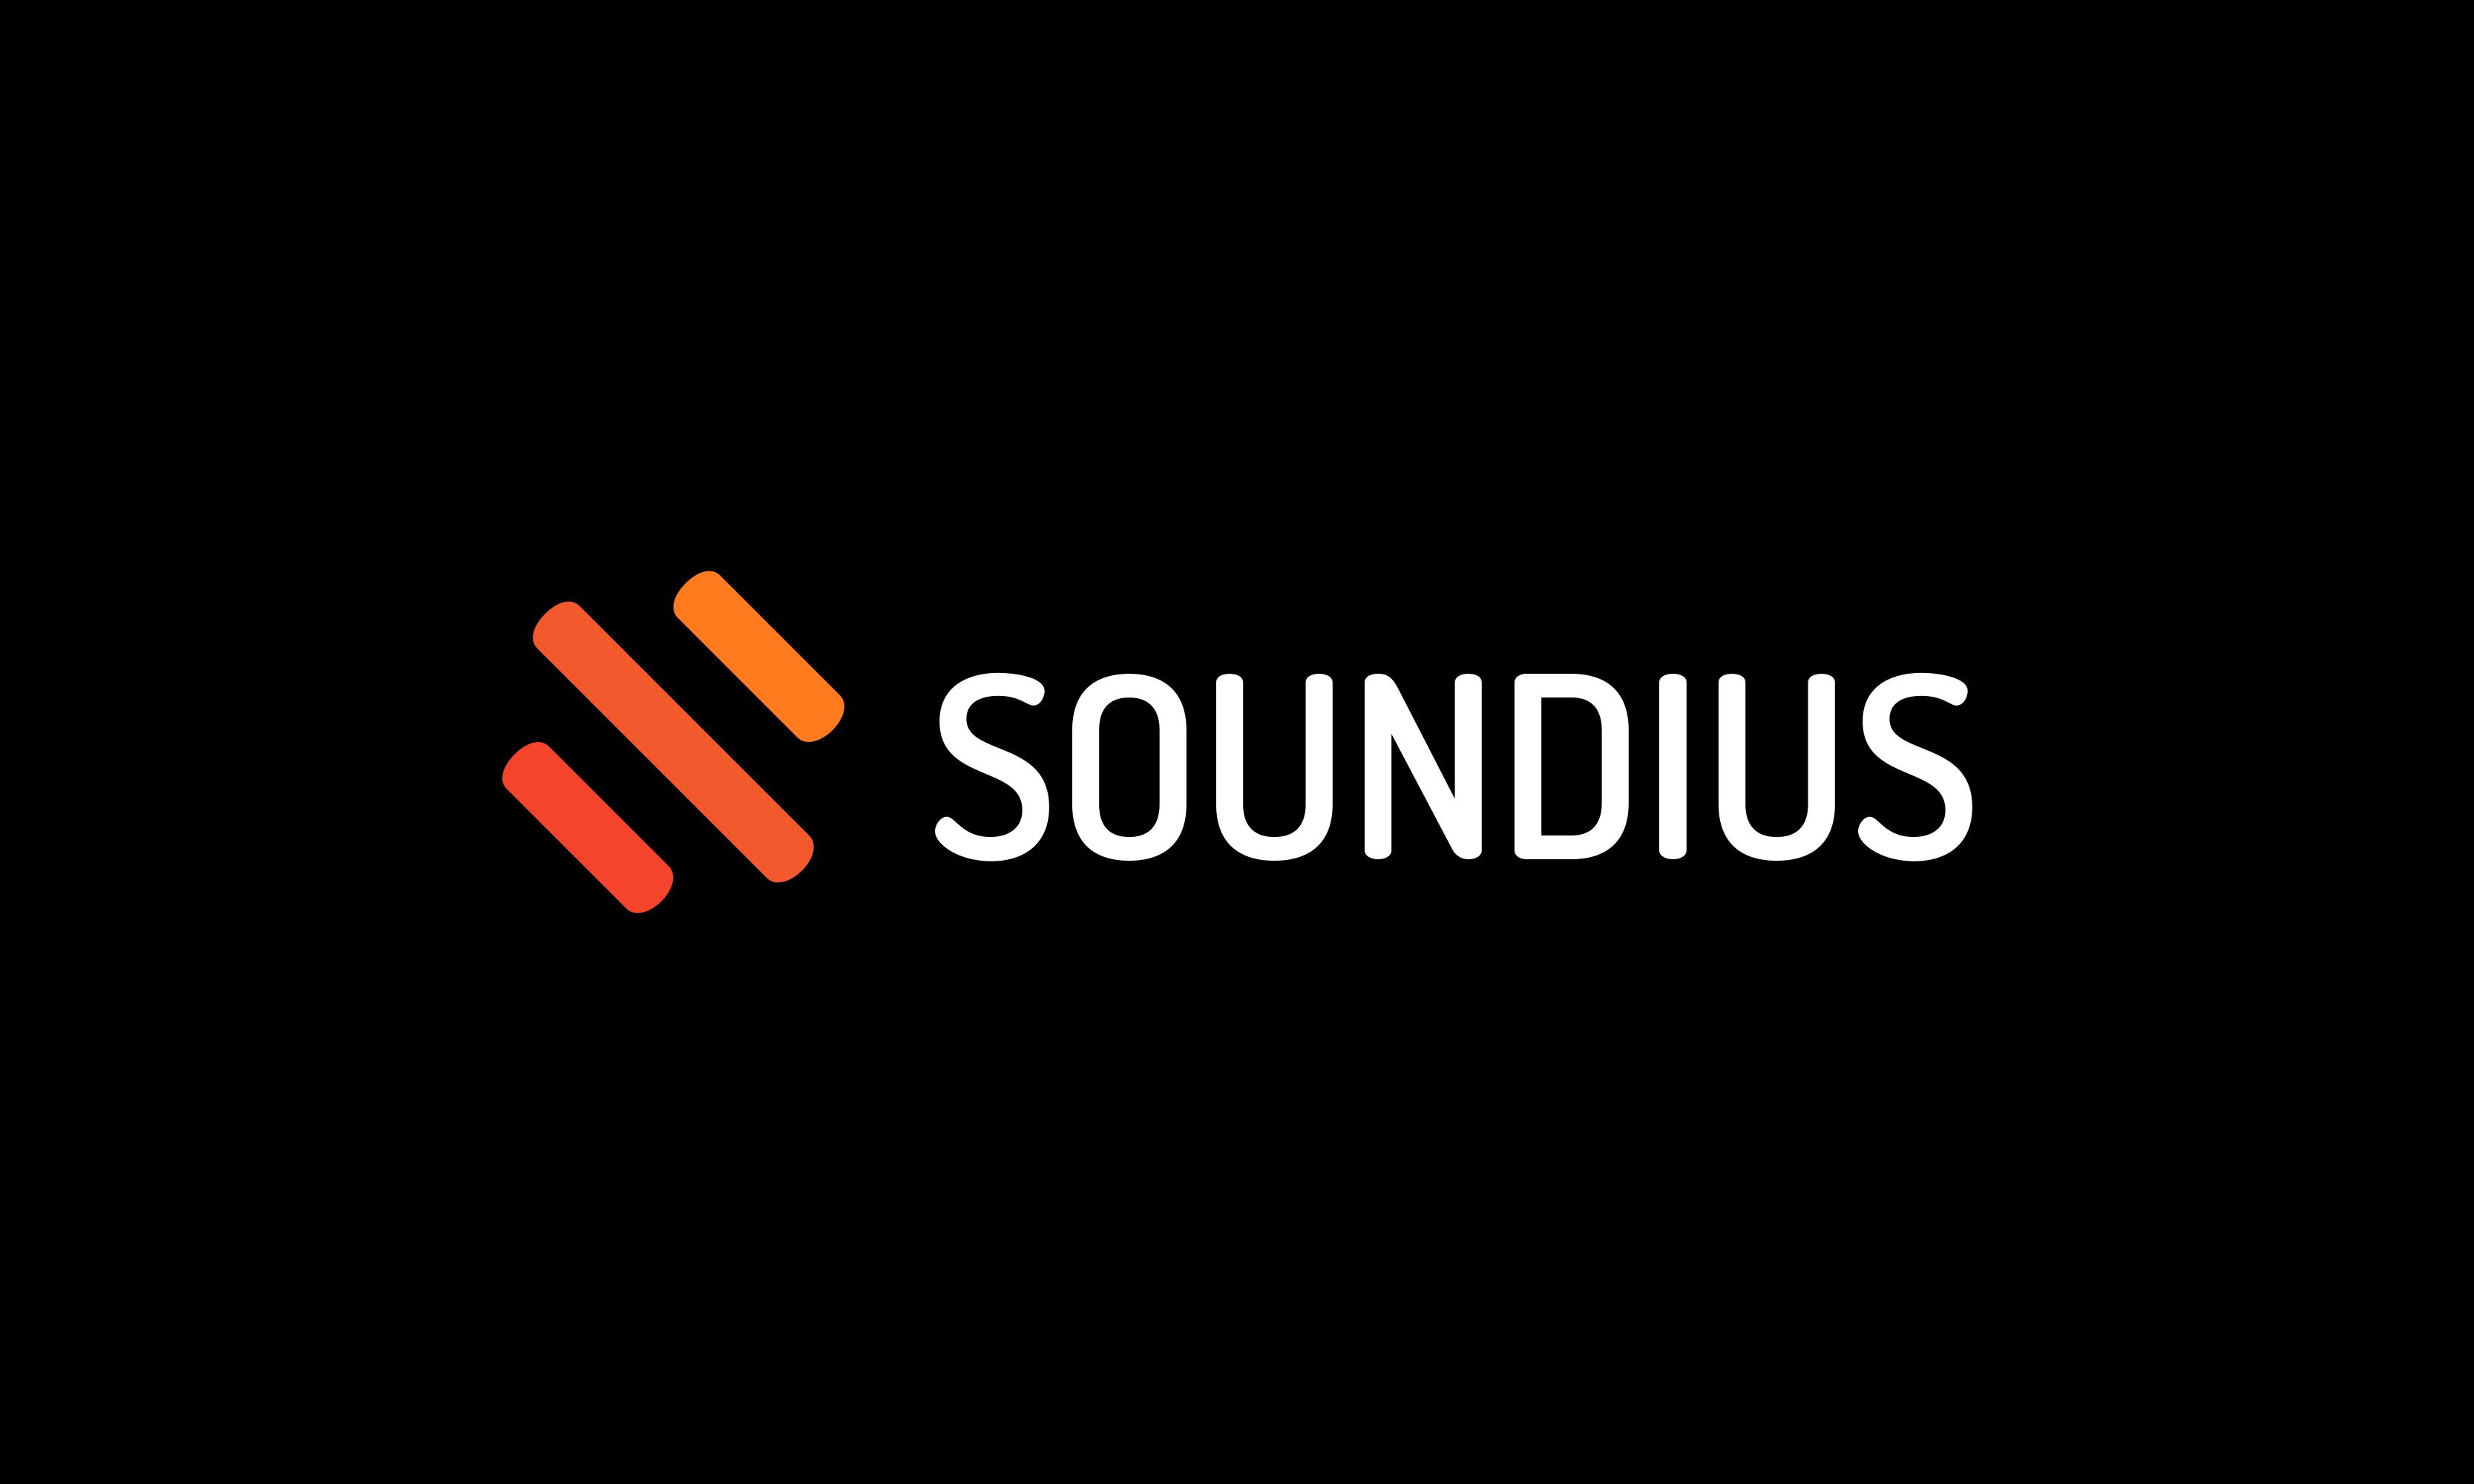 Soundius